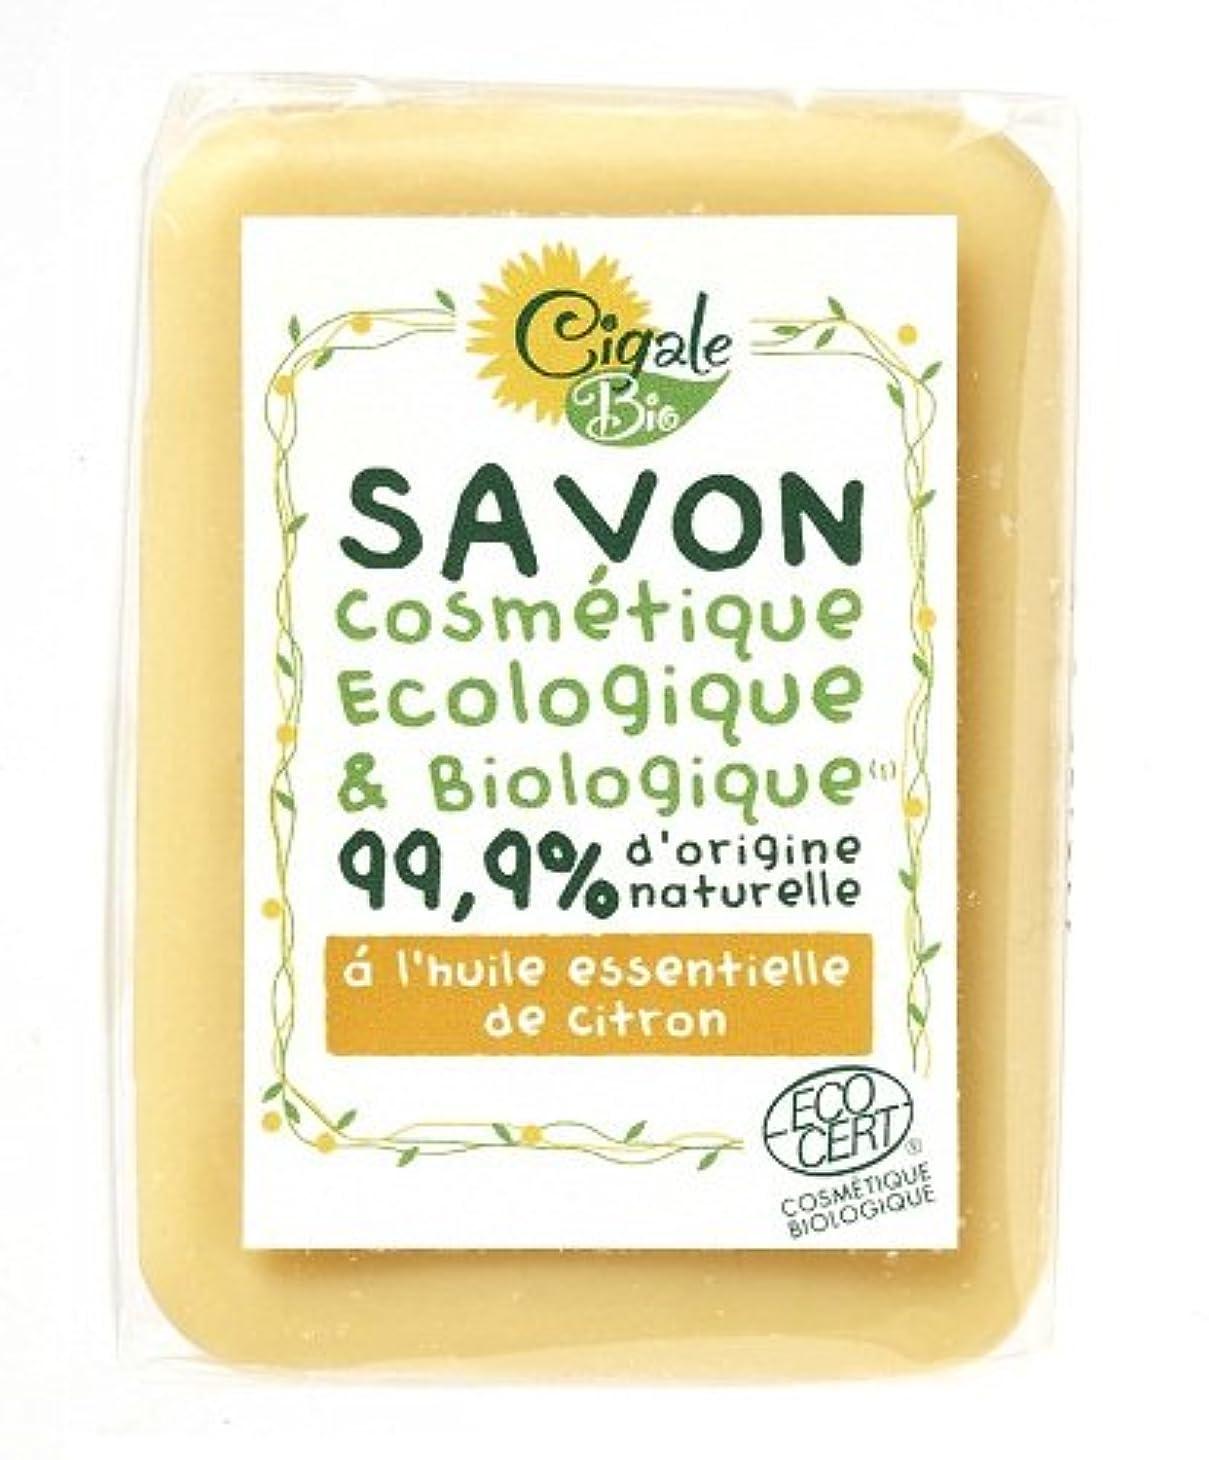 超えて羊バーストシガールビオ オーガニックソープ レモン